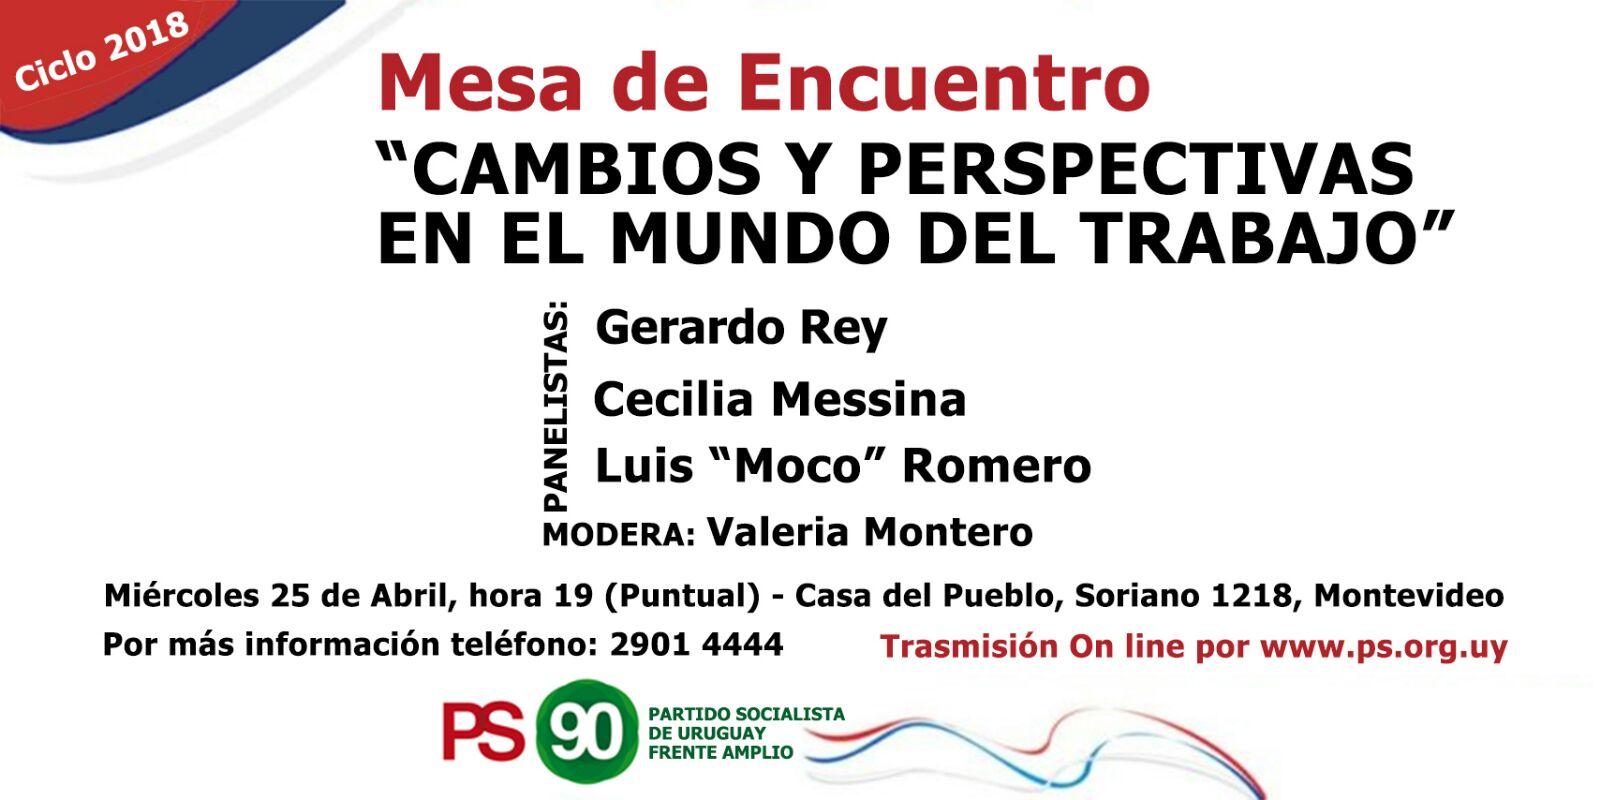 ((EN VIVO)) #MesaDeEncuentro